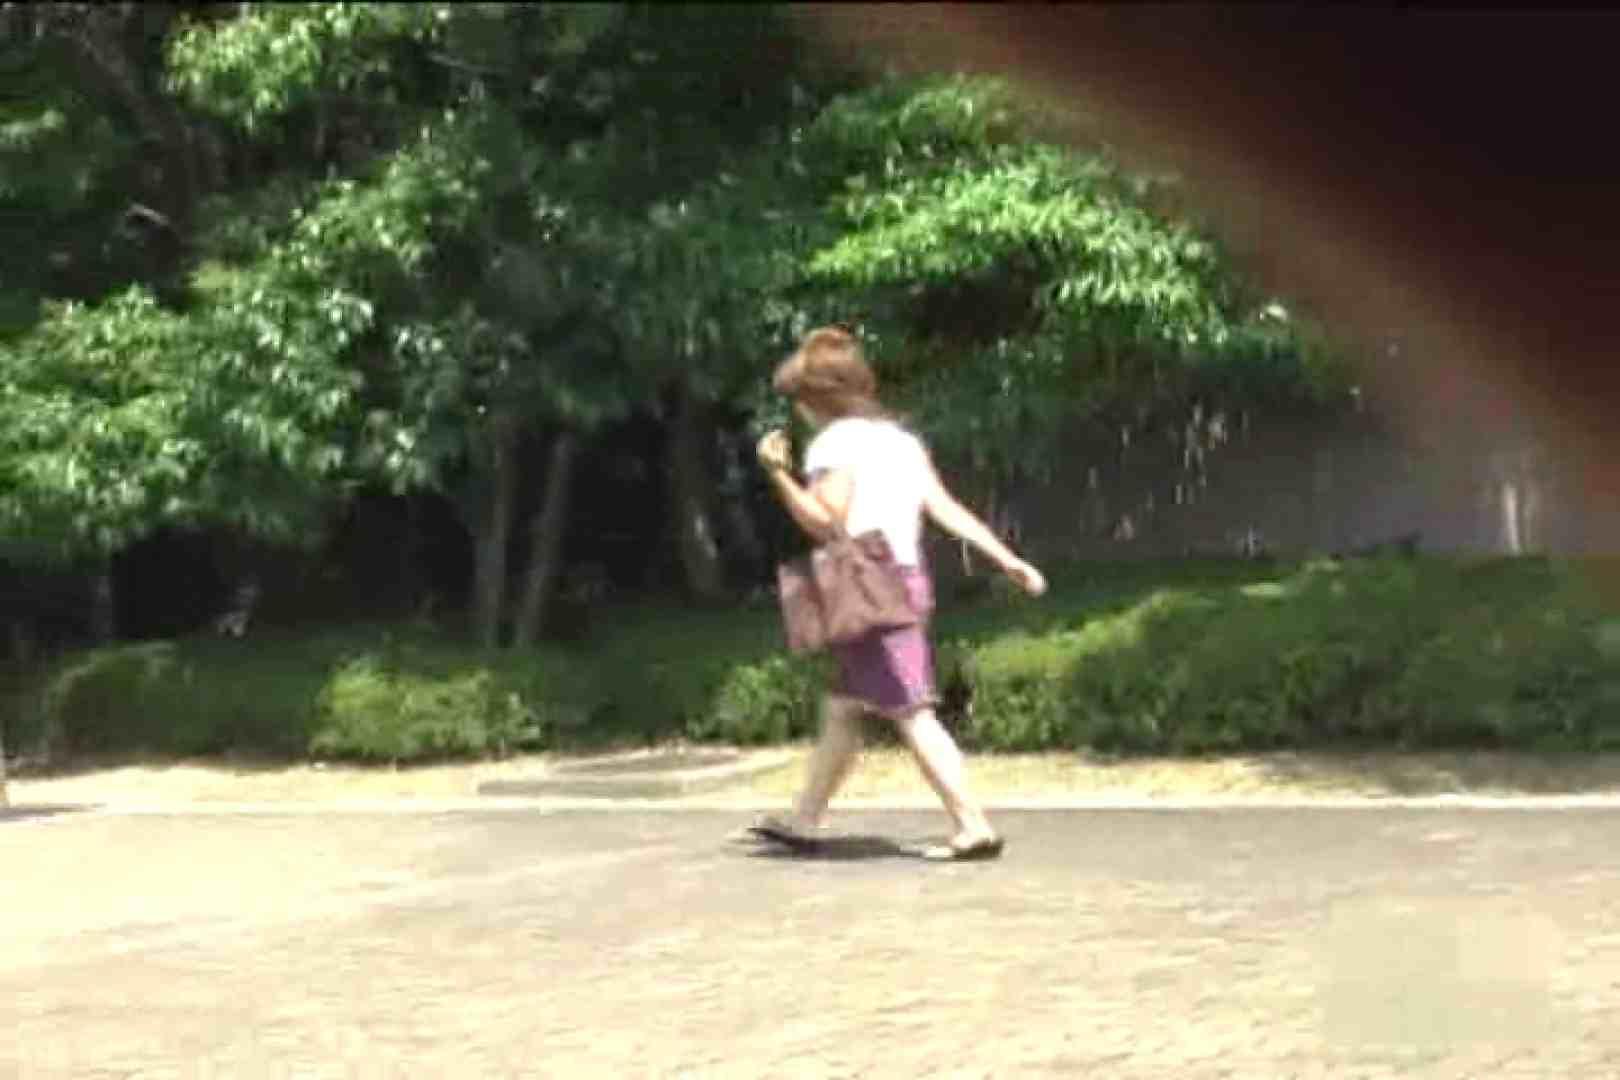 検証!隠し撮りスカートめくり!!Vol.8 ミニスカート 濡れ場動画紹介 99pic 62